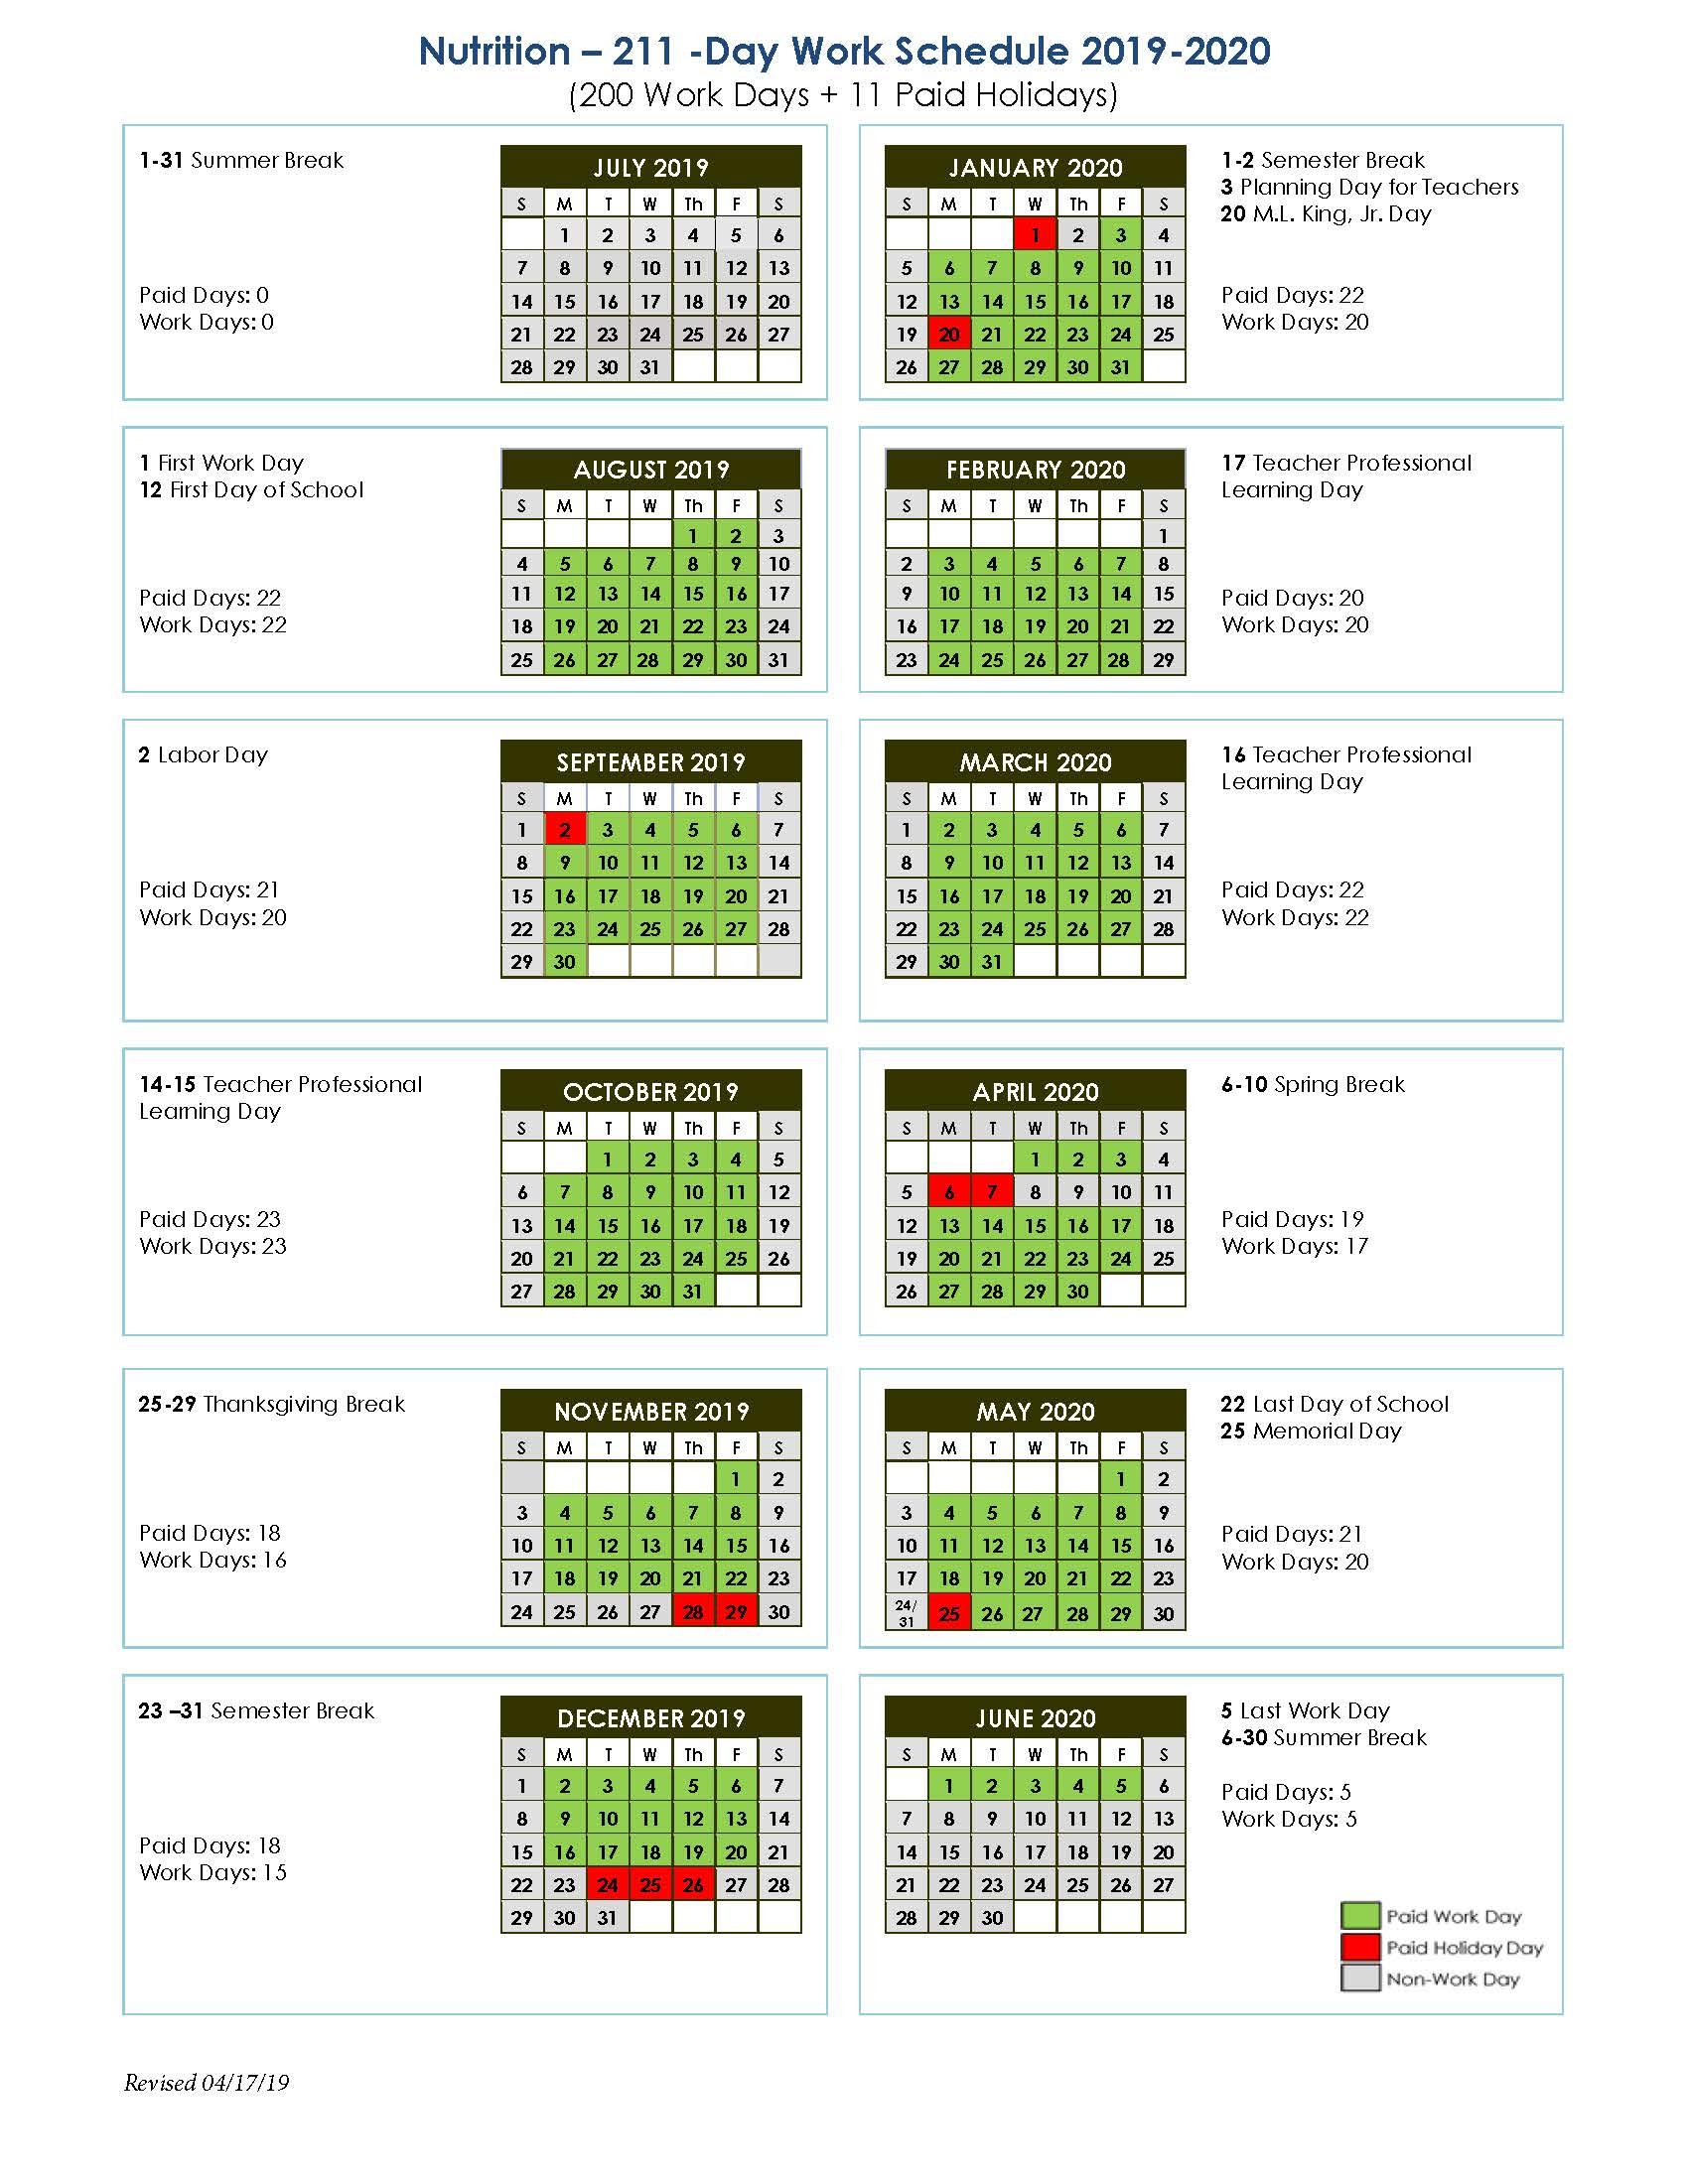 Nutrition 211-Day Work Schedule